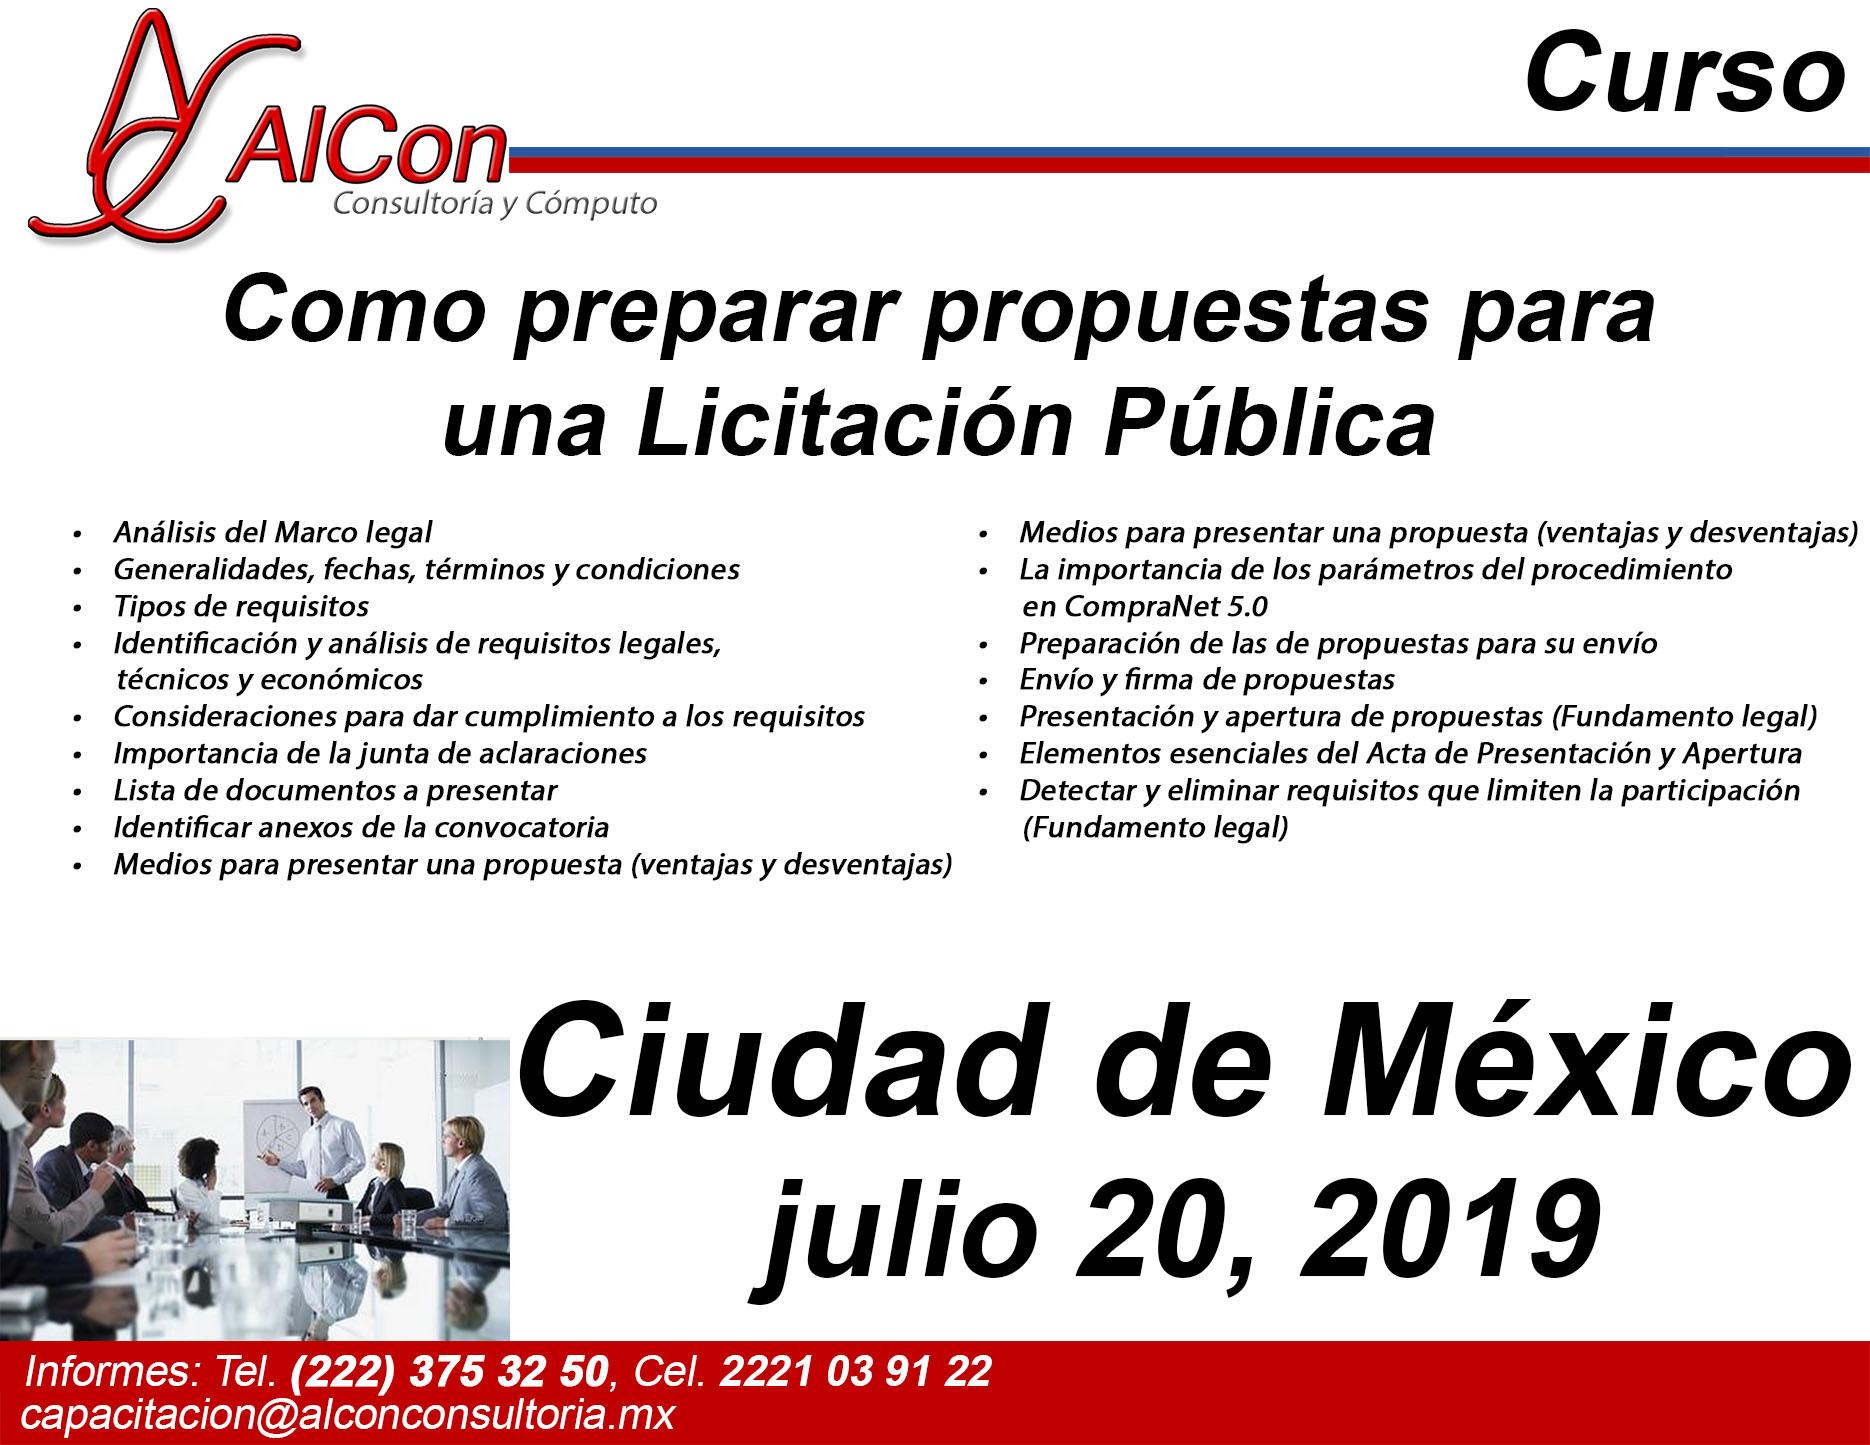 Curso Preparar Propuestas, Ciudad de México (CDMX), AlCon Consultoría y Cómputo, AlCon Consulting And Commerce Arcadio Alonso Sánchez, AlCon C&C